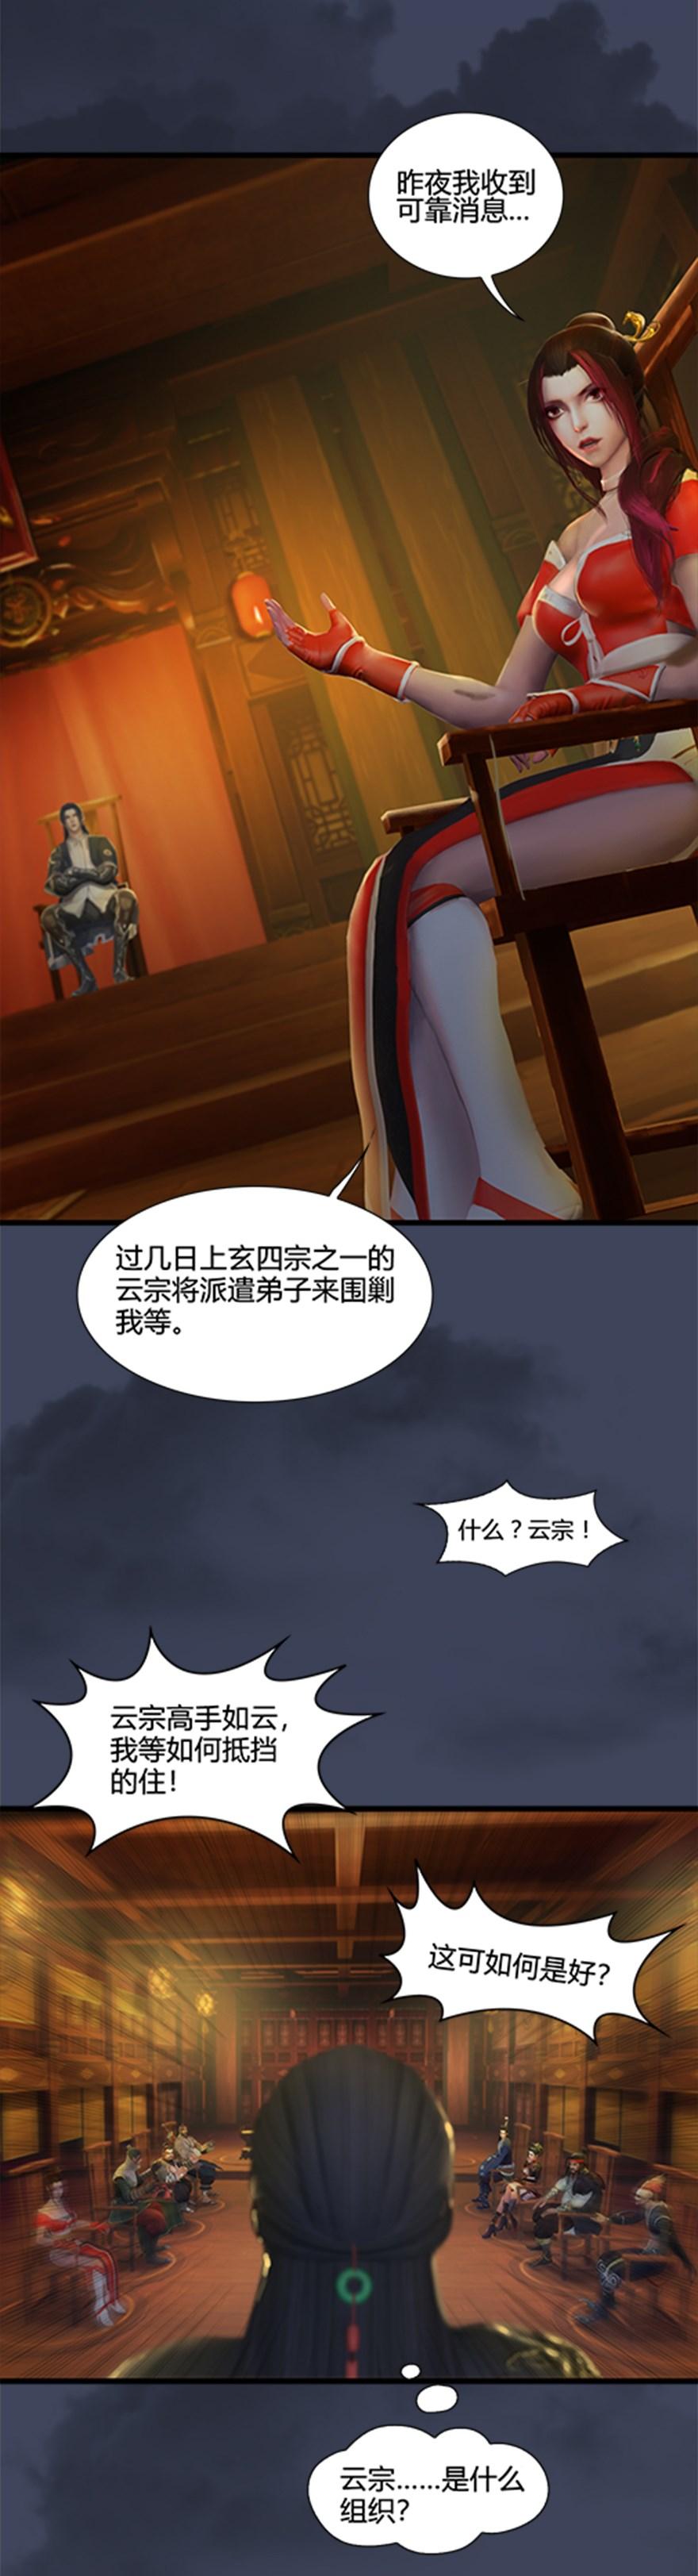 《堕玄师》第24话:云宗实力突袭,灭门生死一线